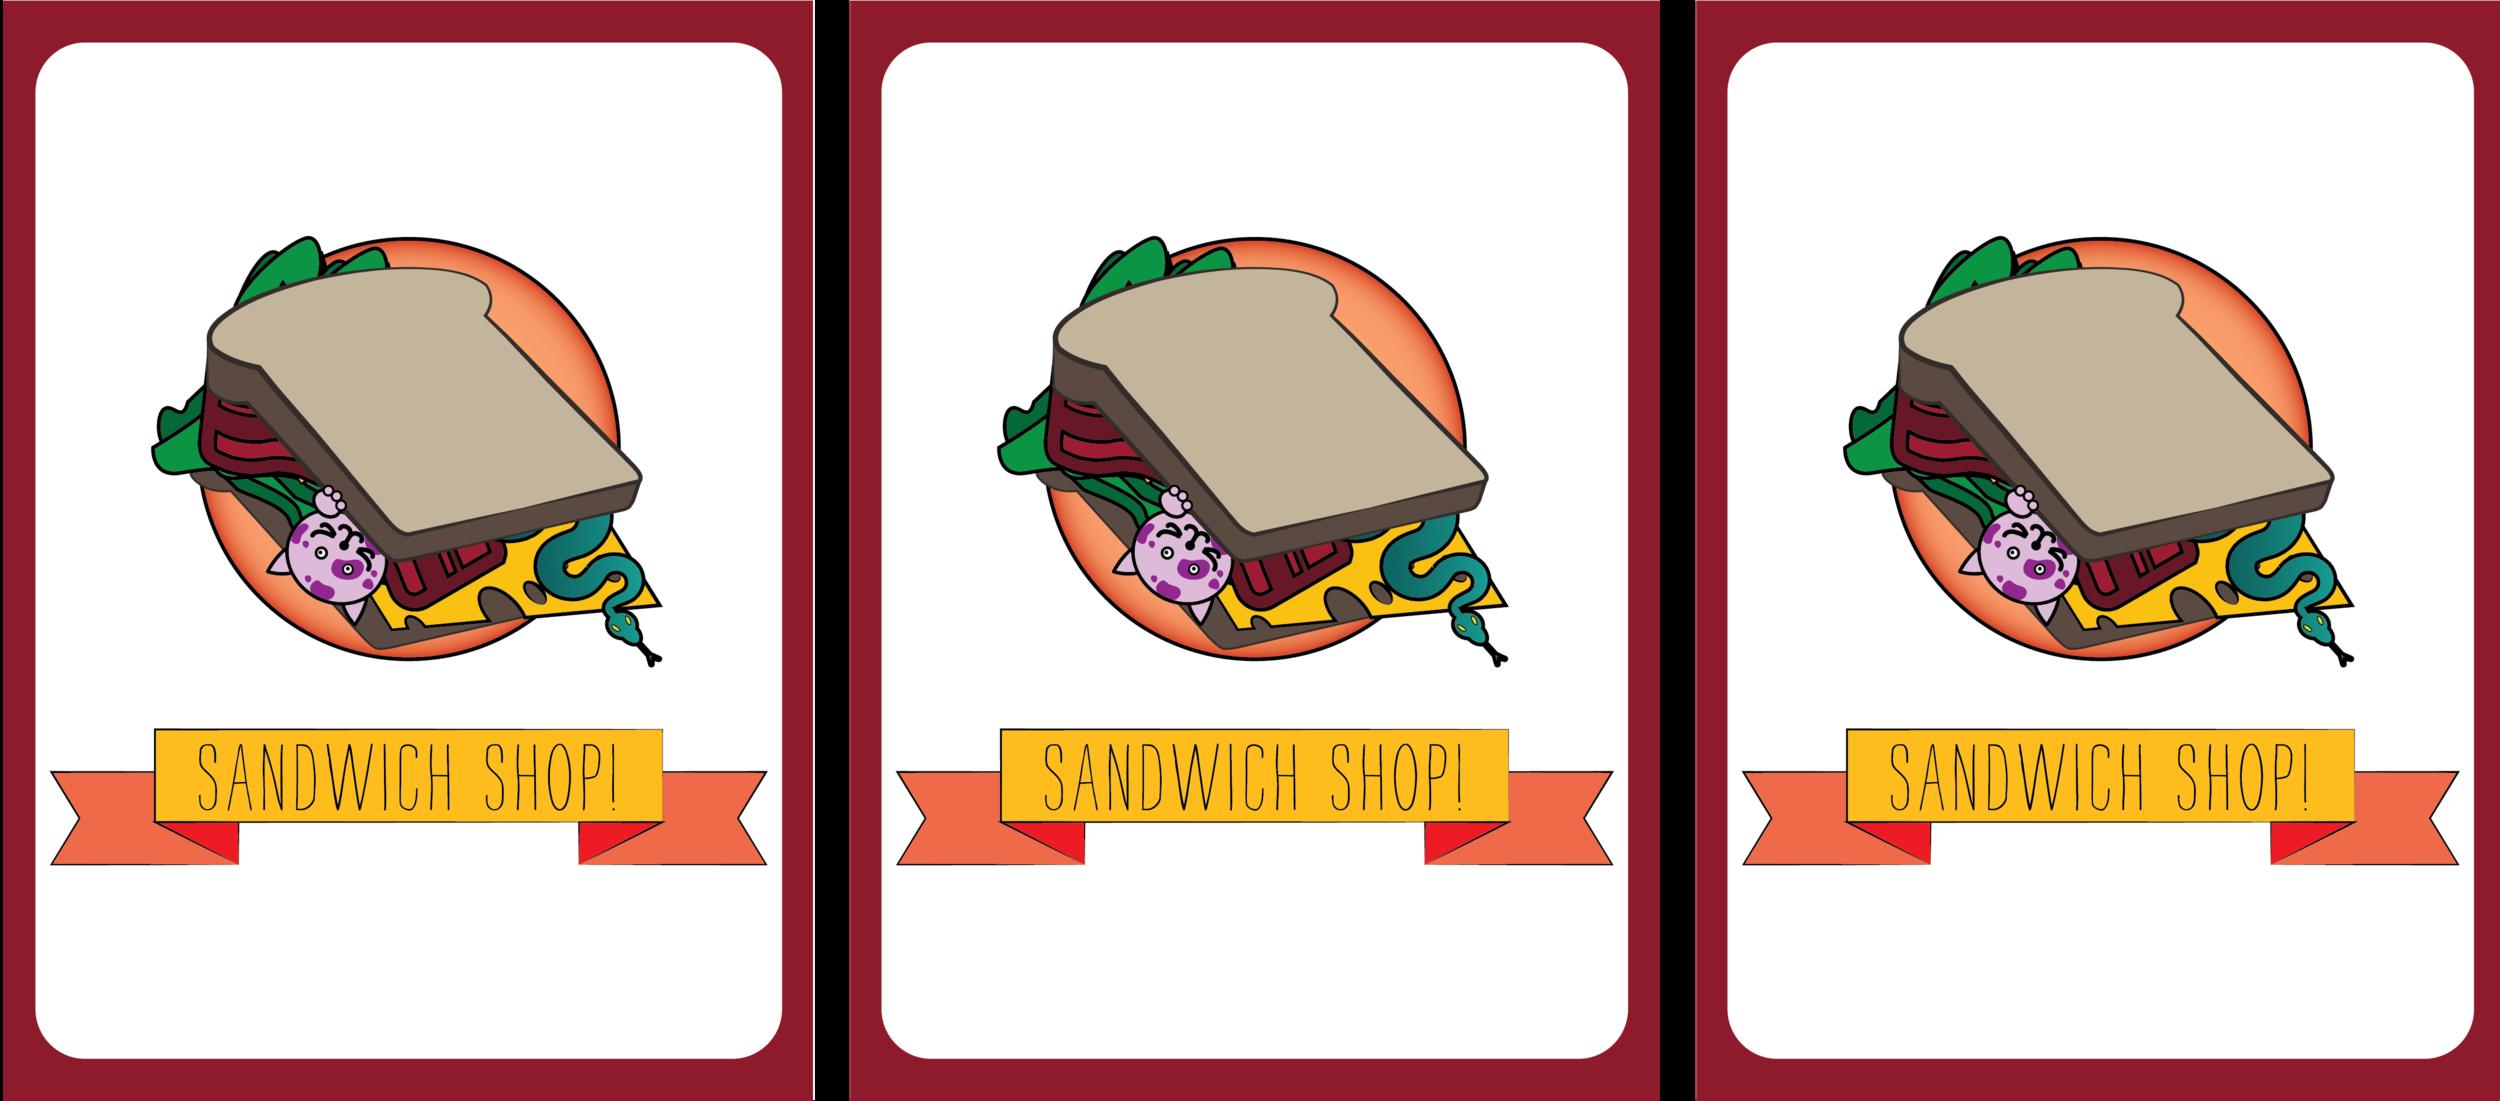 SandwichShop__Cards_Filling 1 copy 16.png